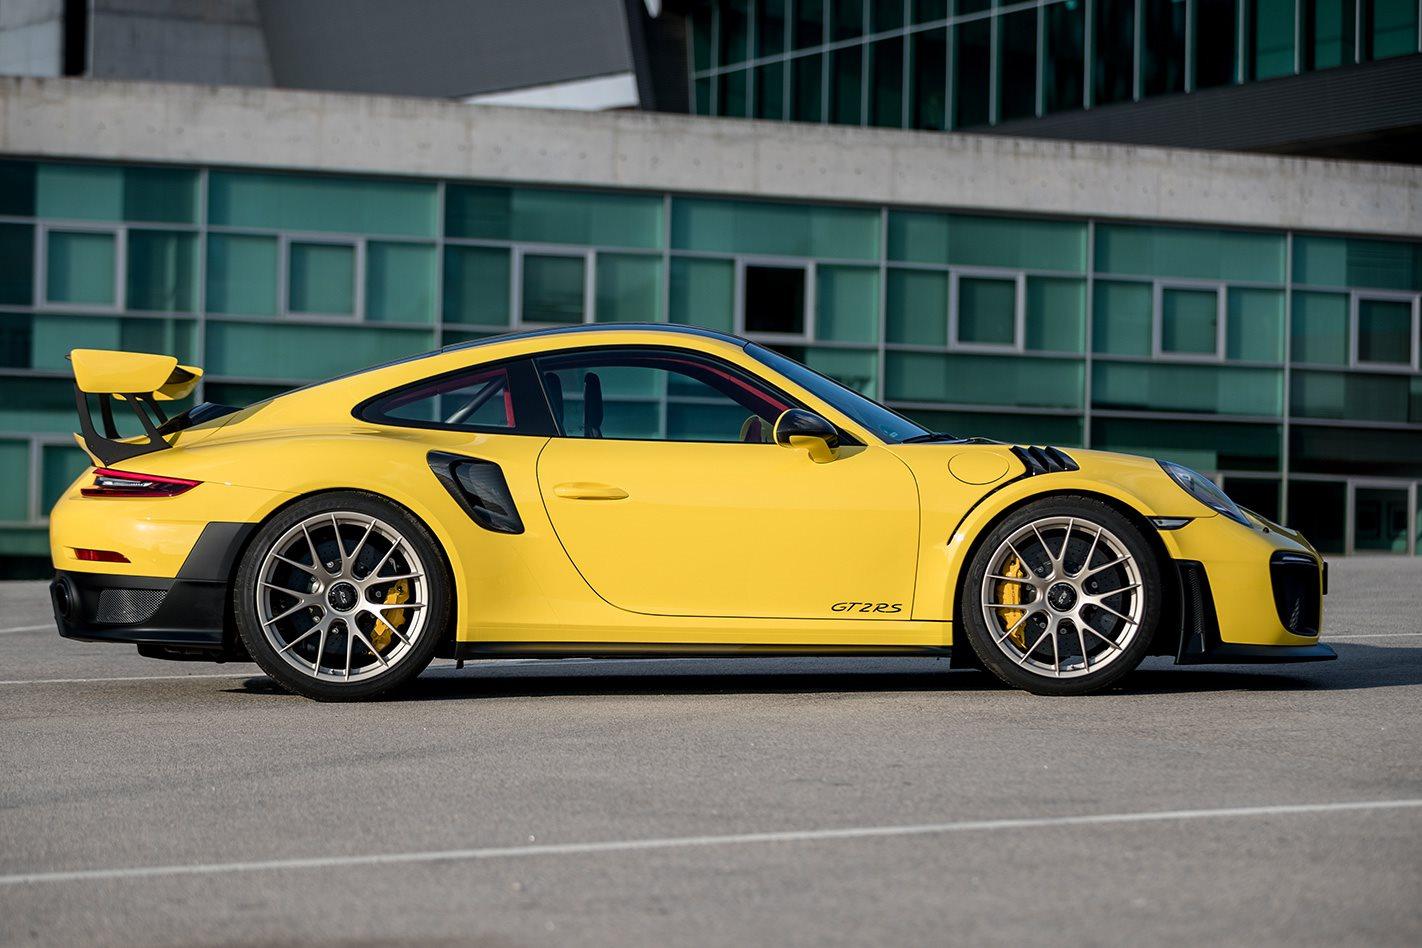 2018 Porsche 911 GT2 RS side